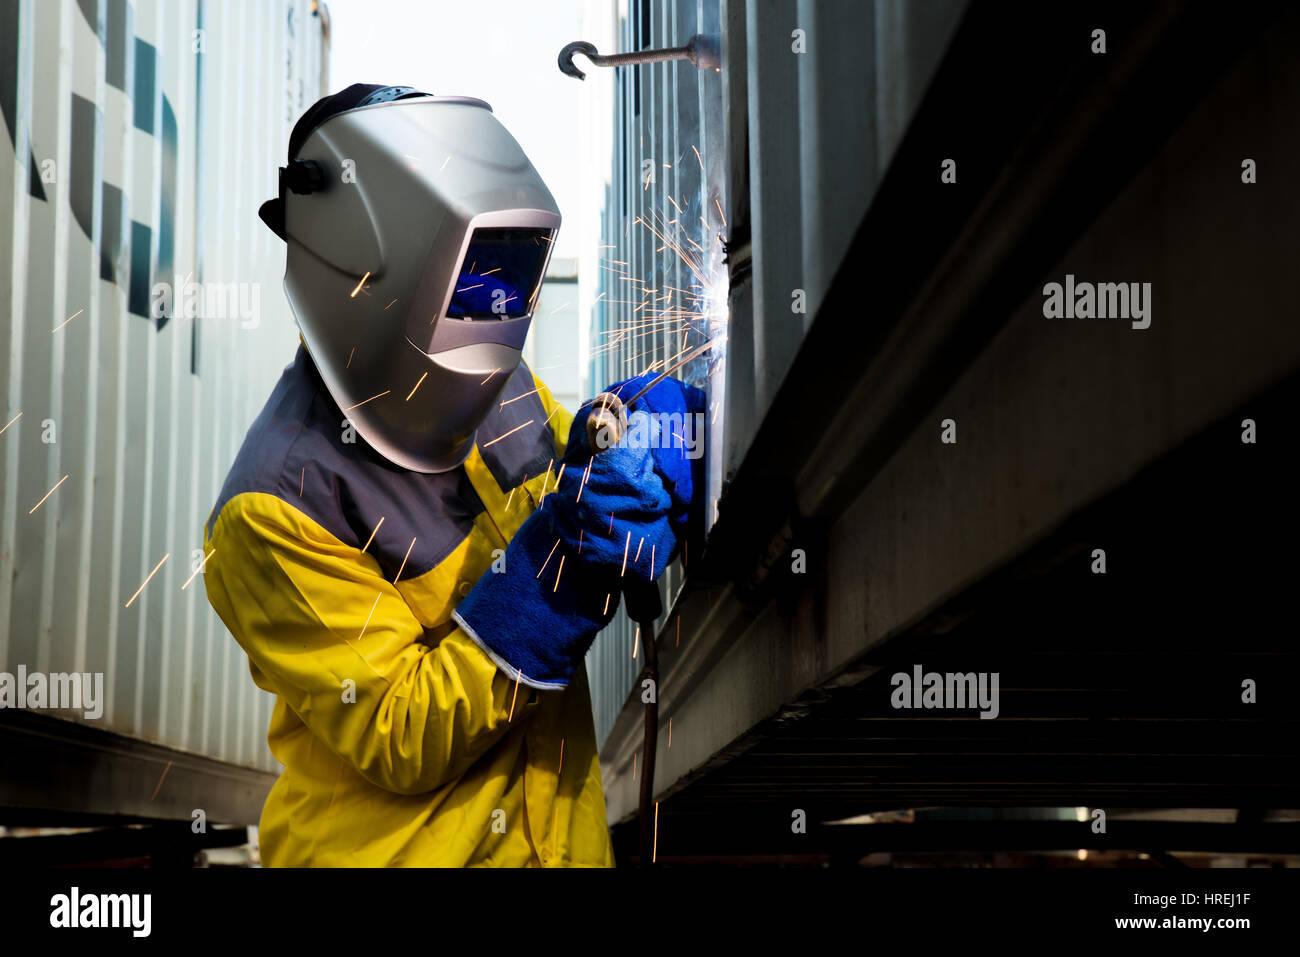 Industrie Arbeiter mit Schweißen Stahl Reparatur Container Strukturen fertigen Workshop. Stockbild